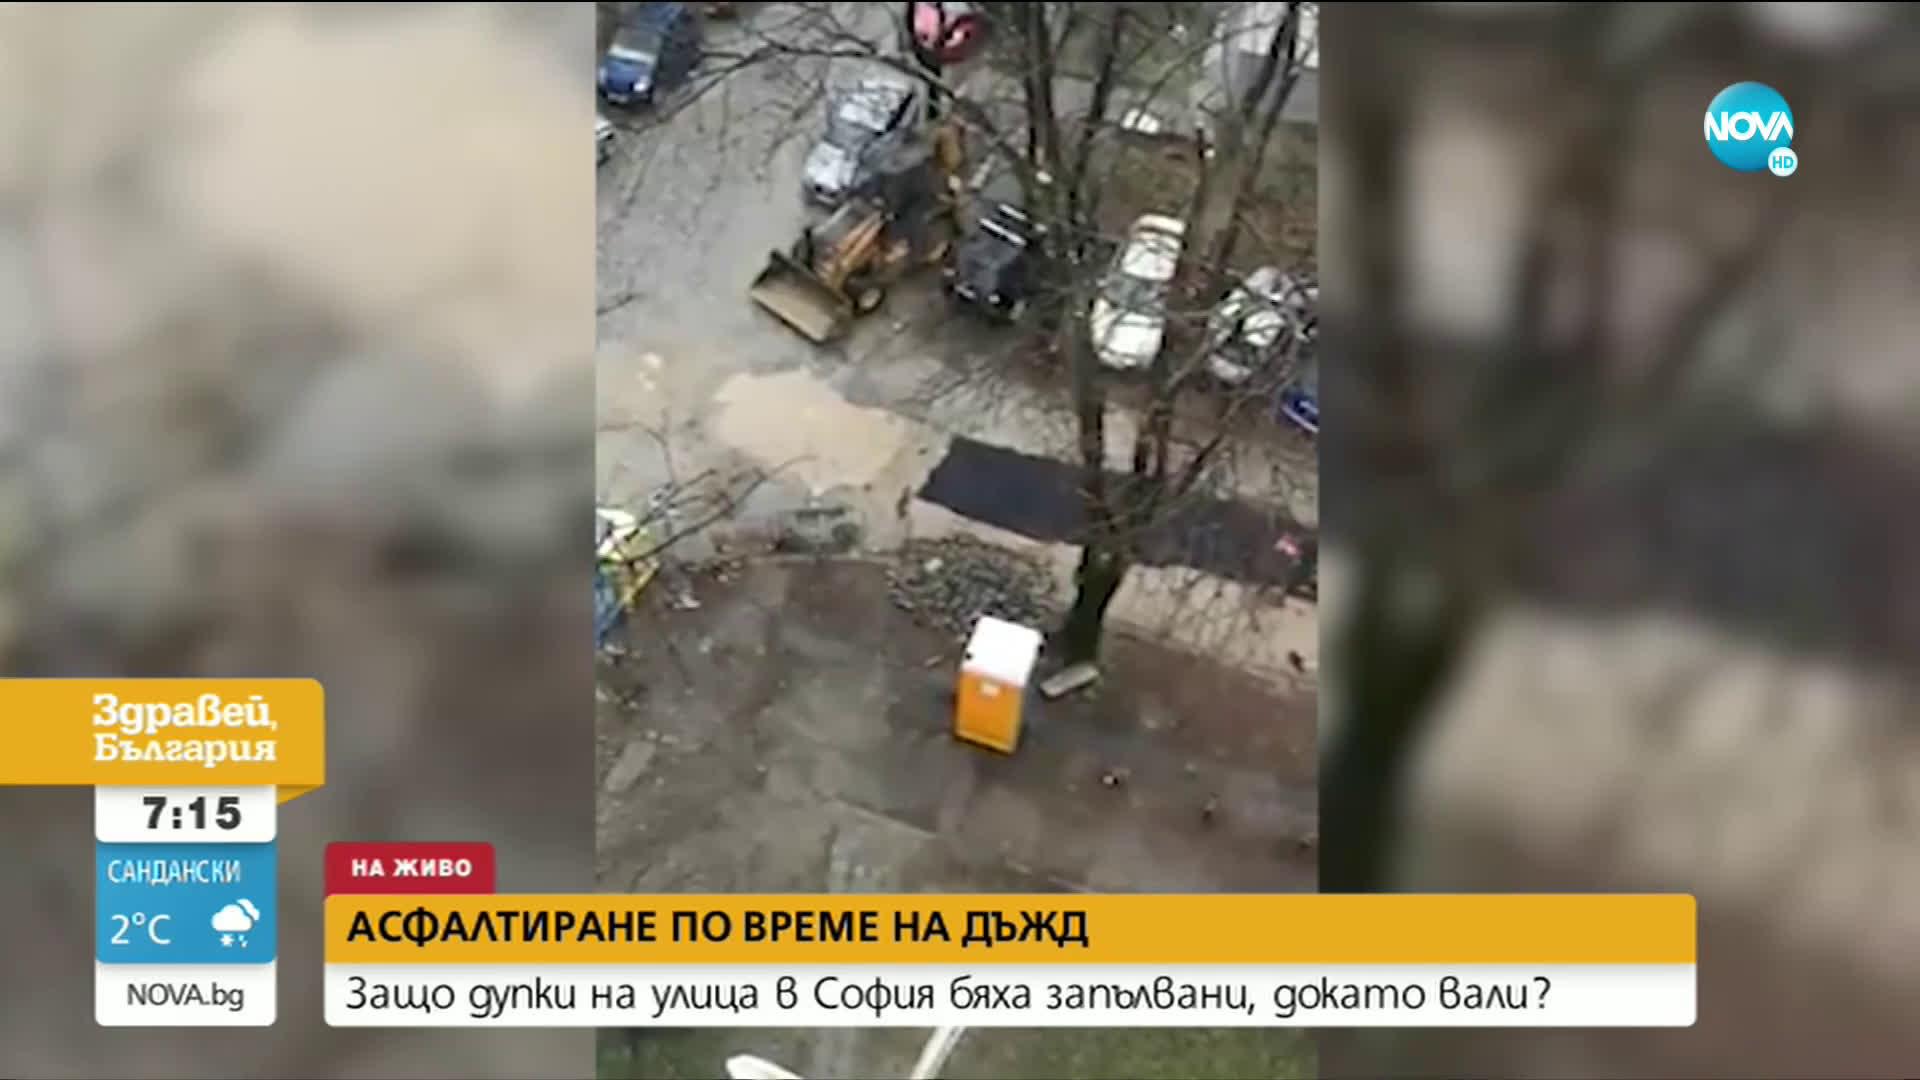 Асфалтираха улица в София, докато вали проливен дъжд